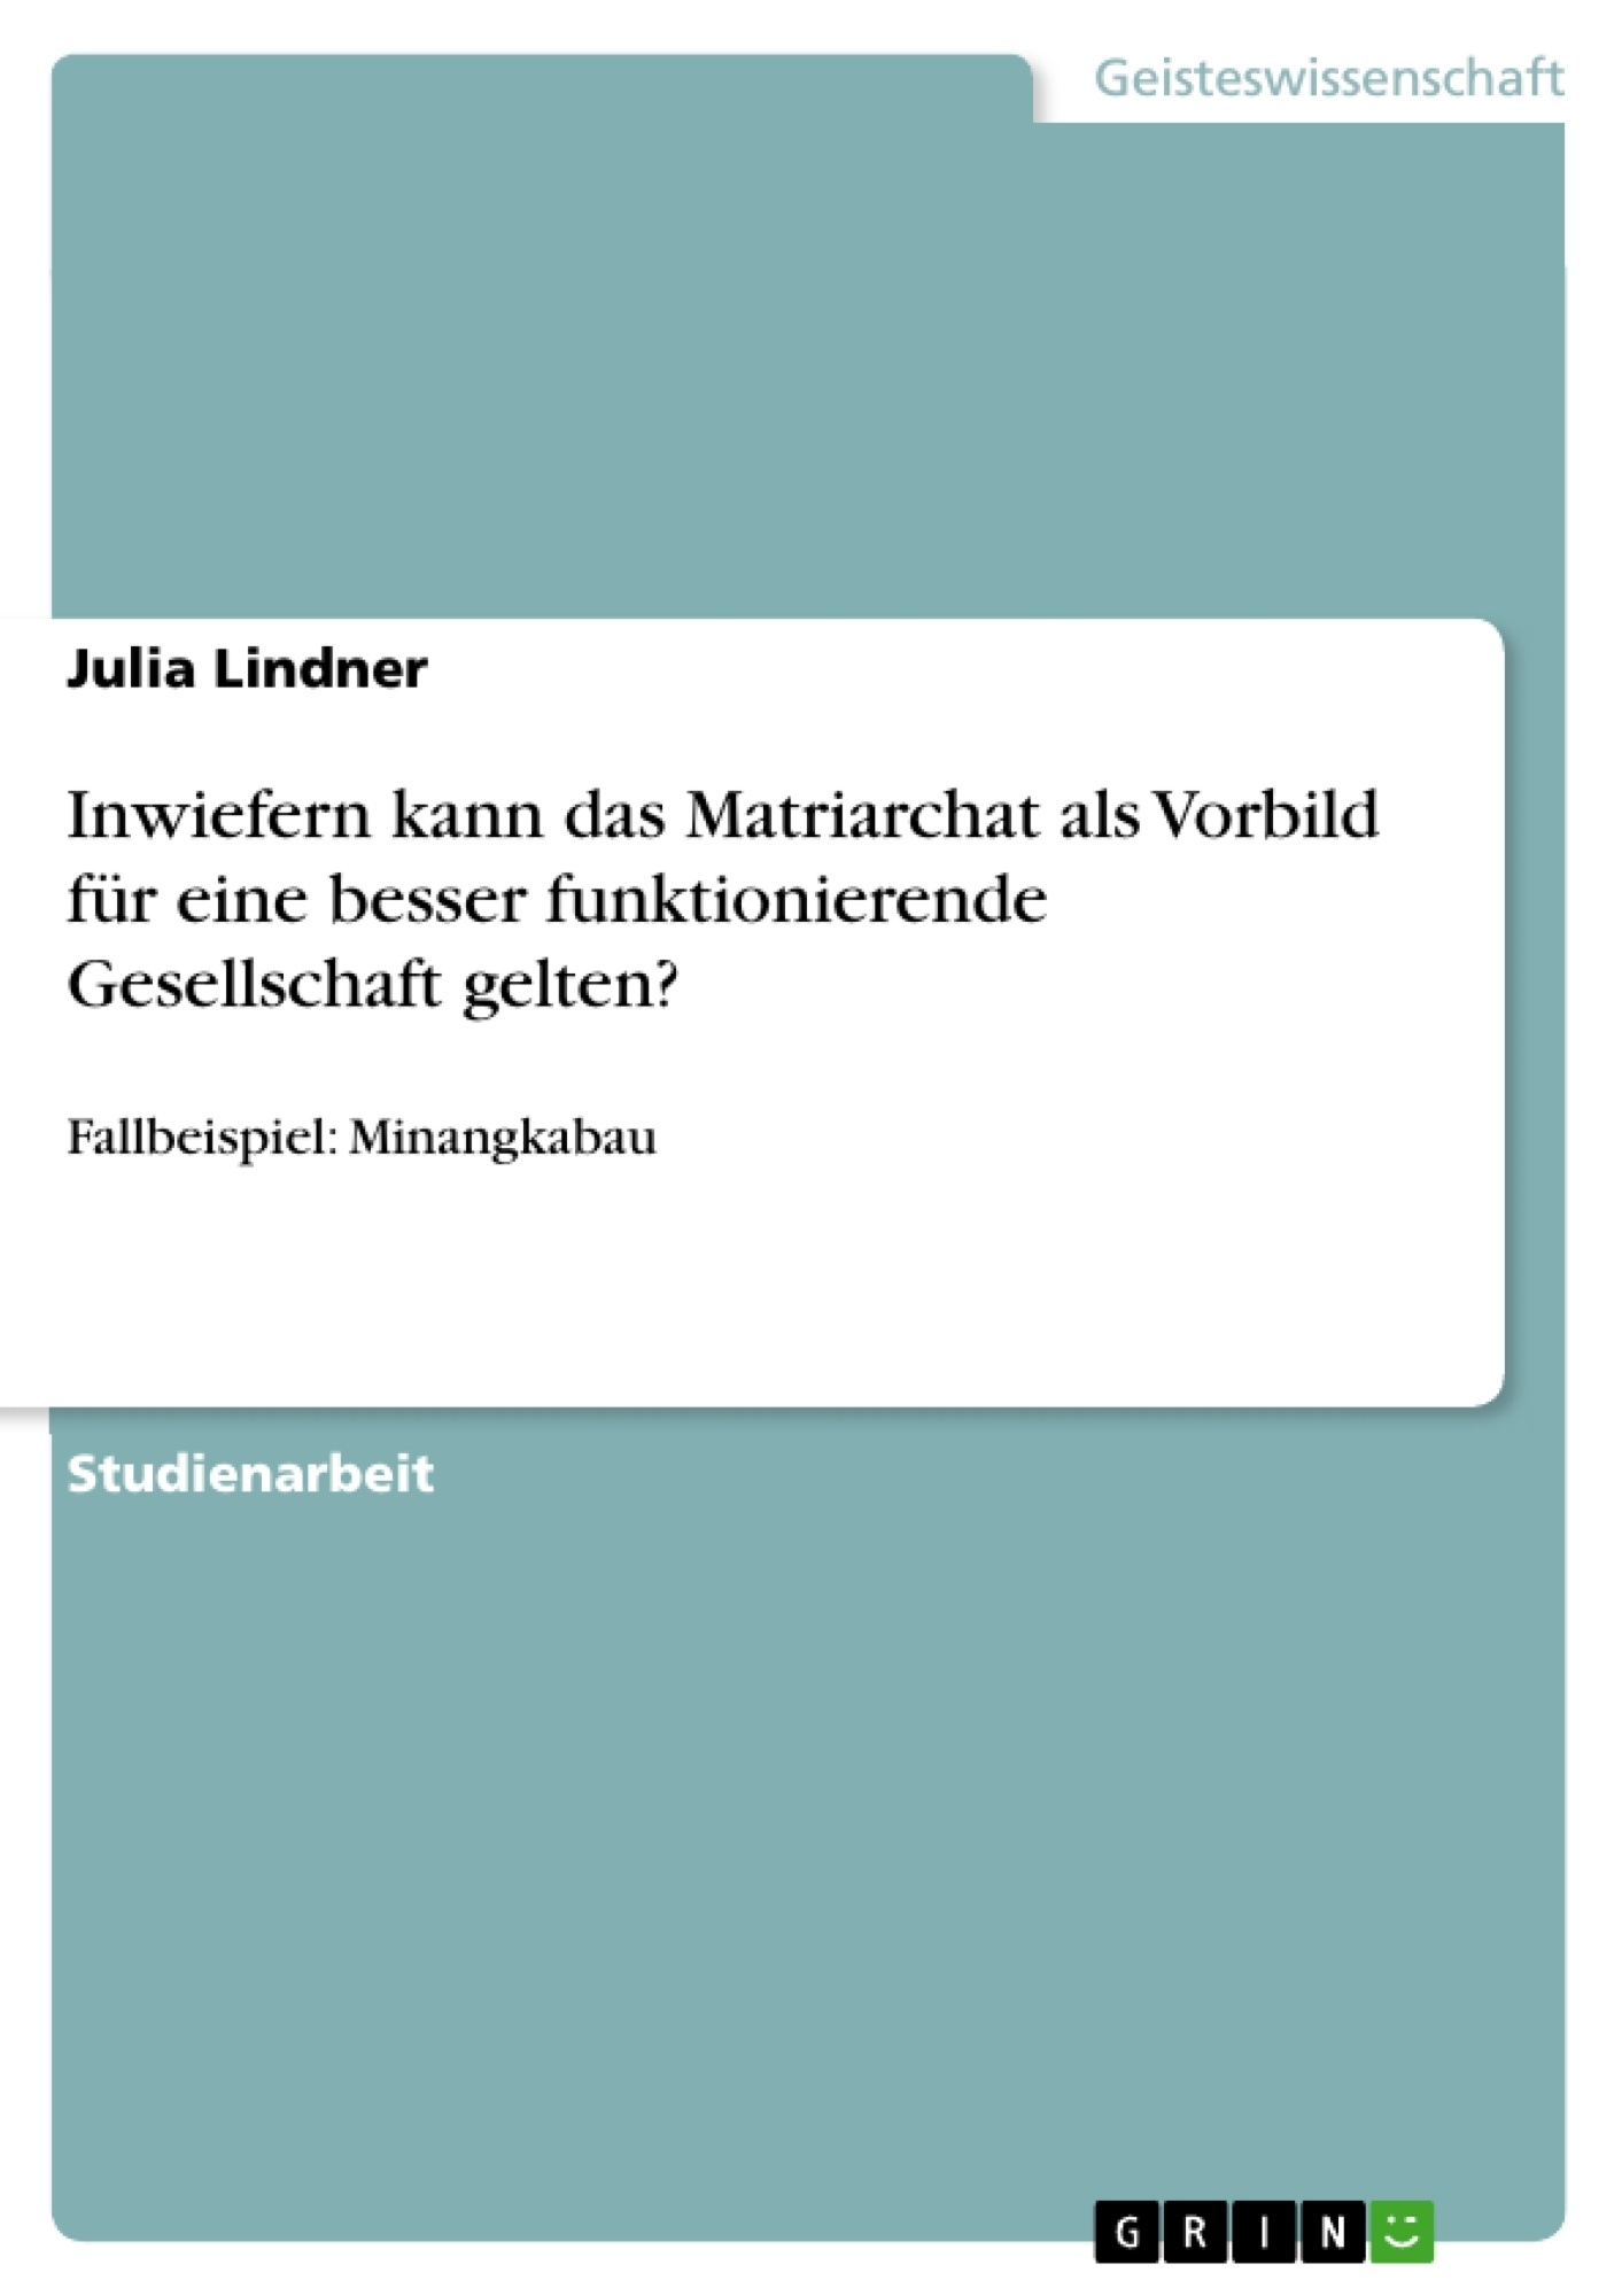 Titel: Inwiefern kann das Matriarchat als Vorbild für eine besser funktionierende Gesellschaft gelten?